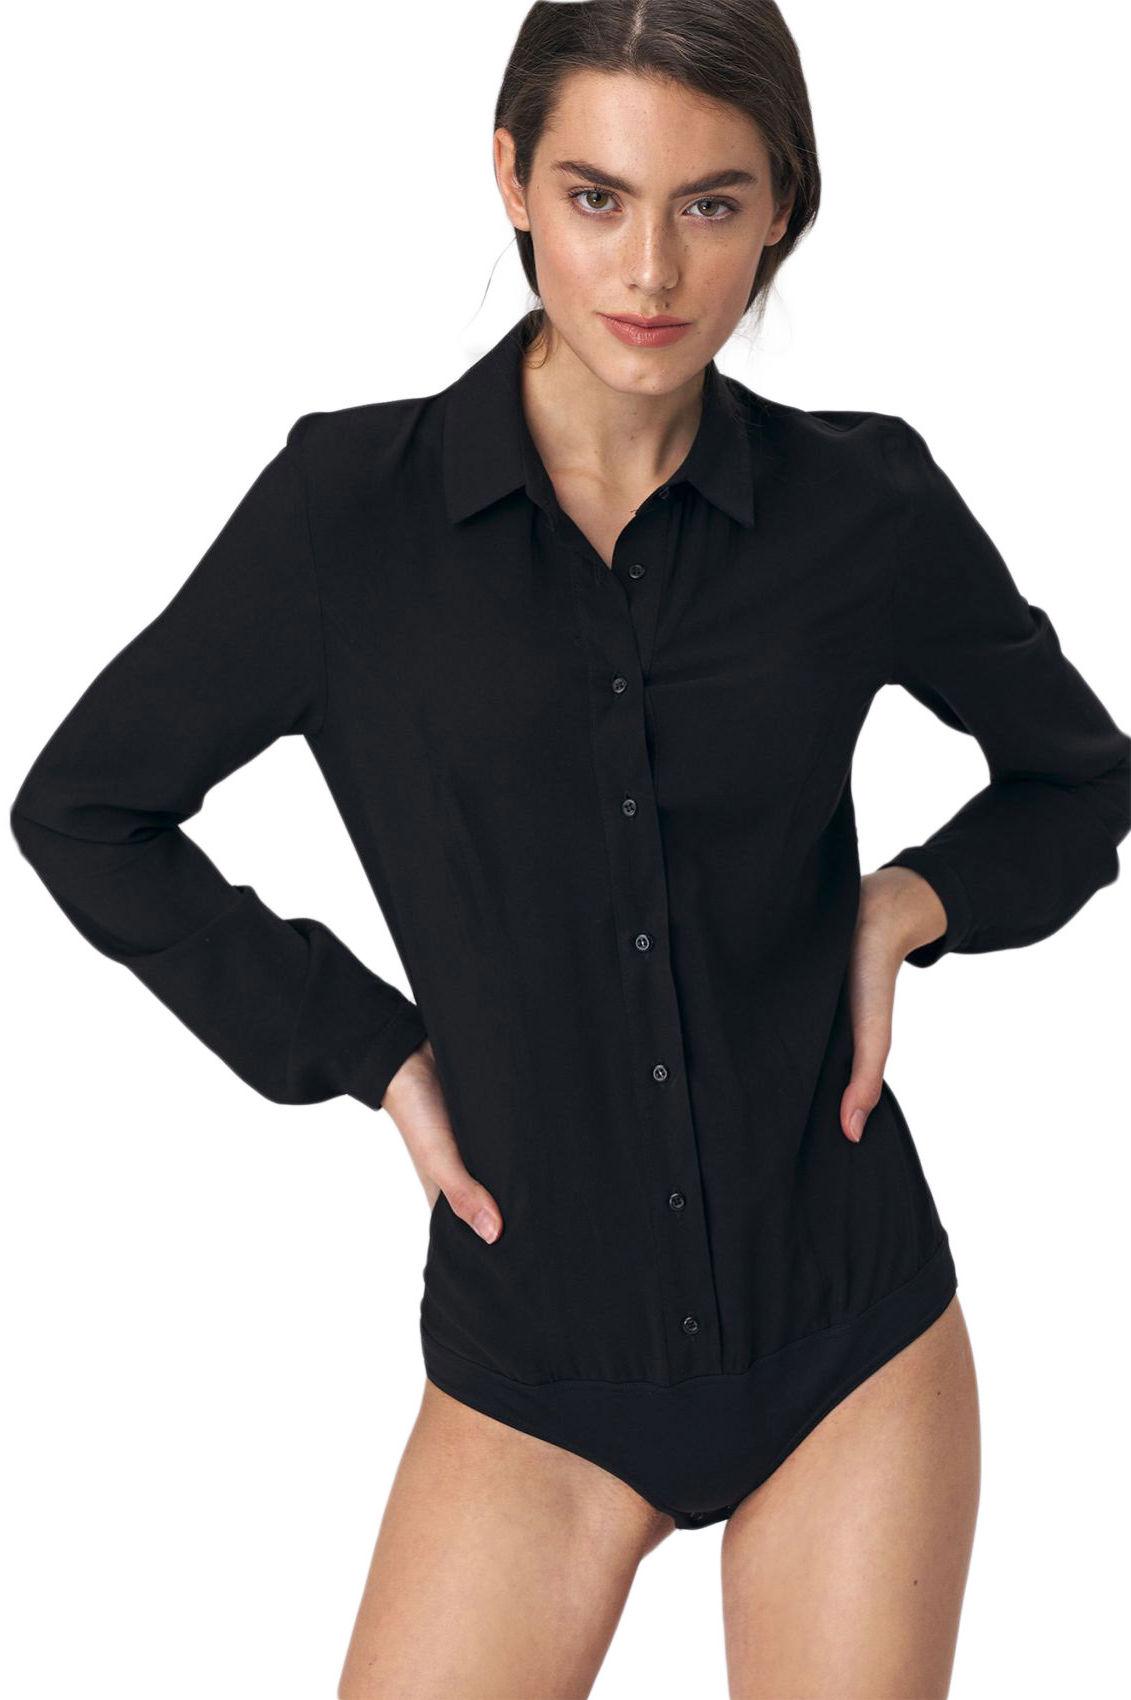 Bluzka koszulowa body - czarna - B110